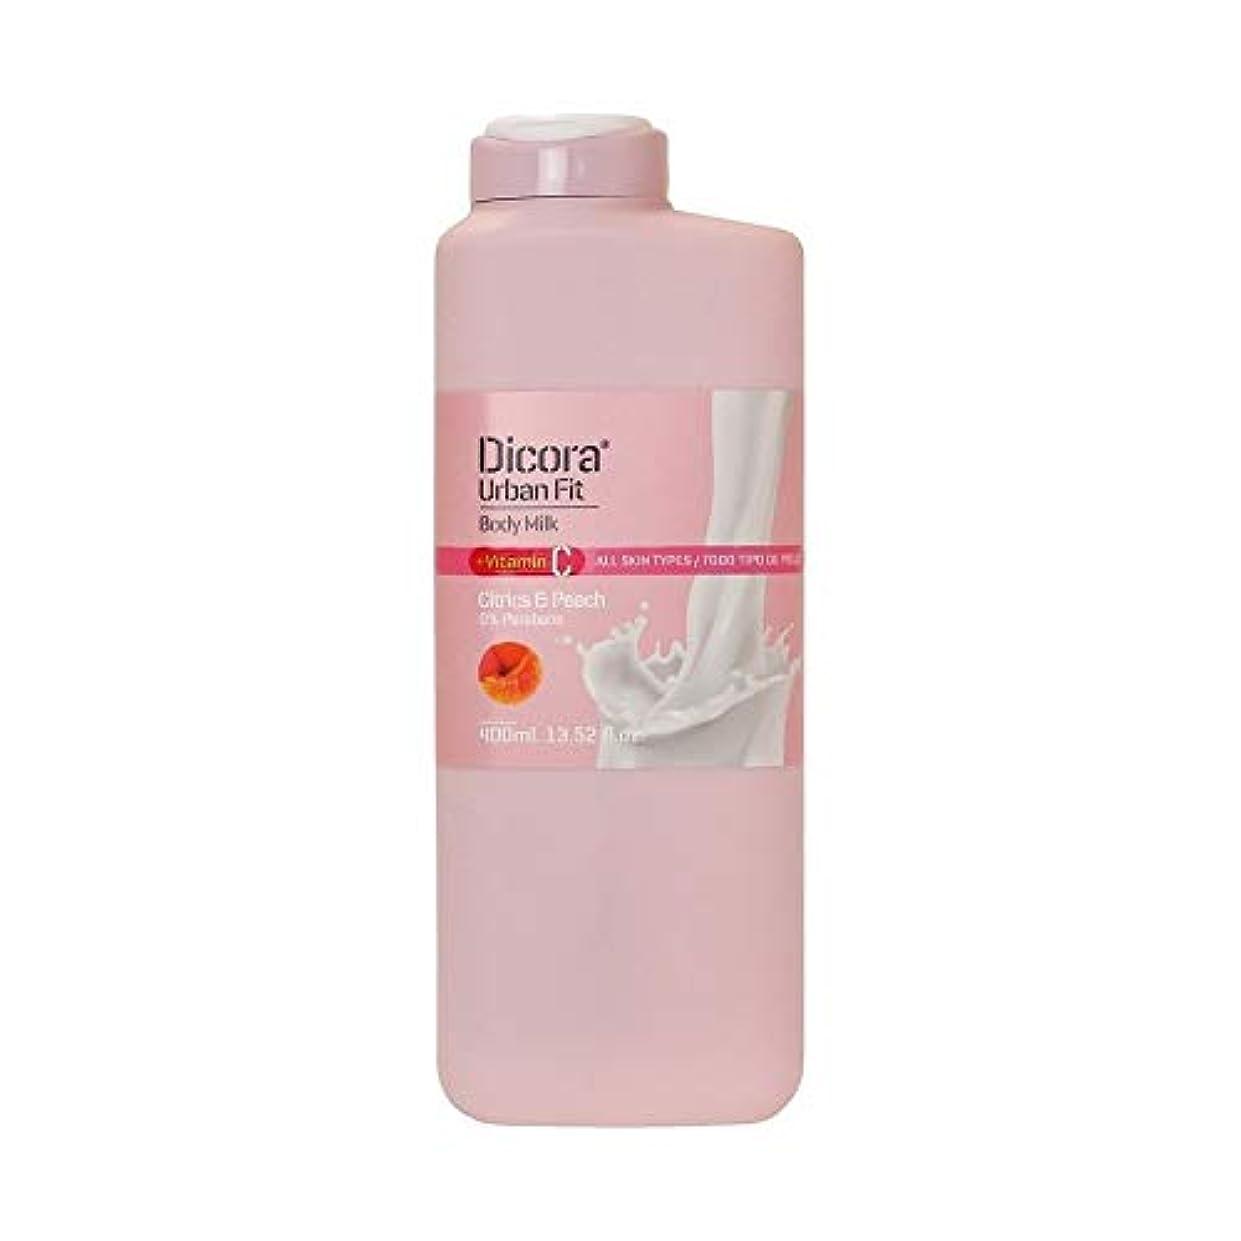 染色長々と動物Dicora(ディコラ) ディコラ アーバンフィット シャワージェル MK&ML 400ml ボディクリーム シトラス & ピーチの香り